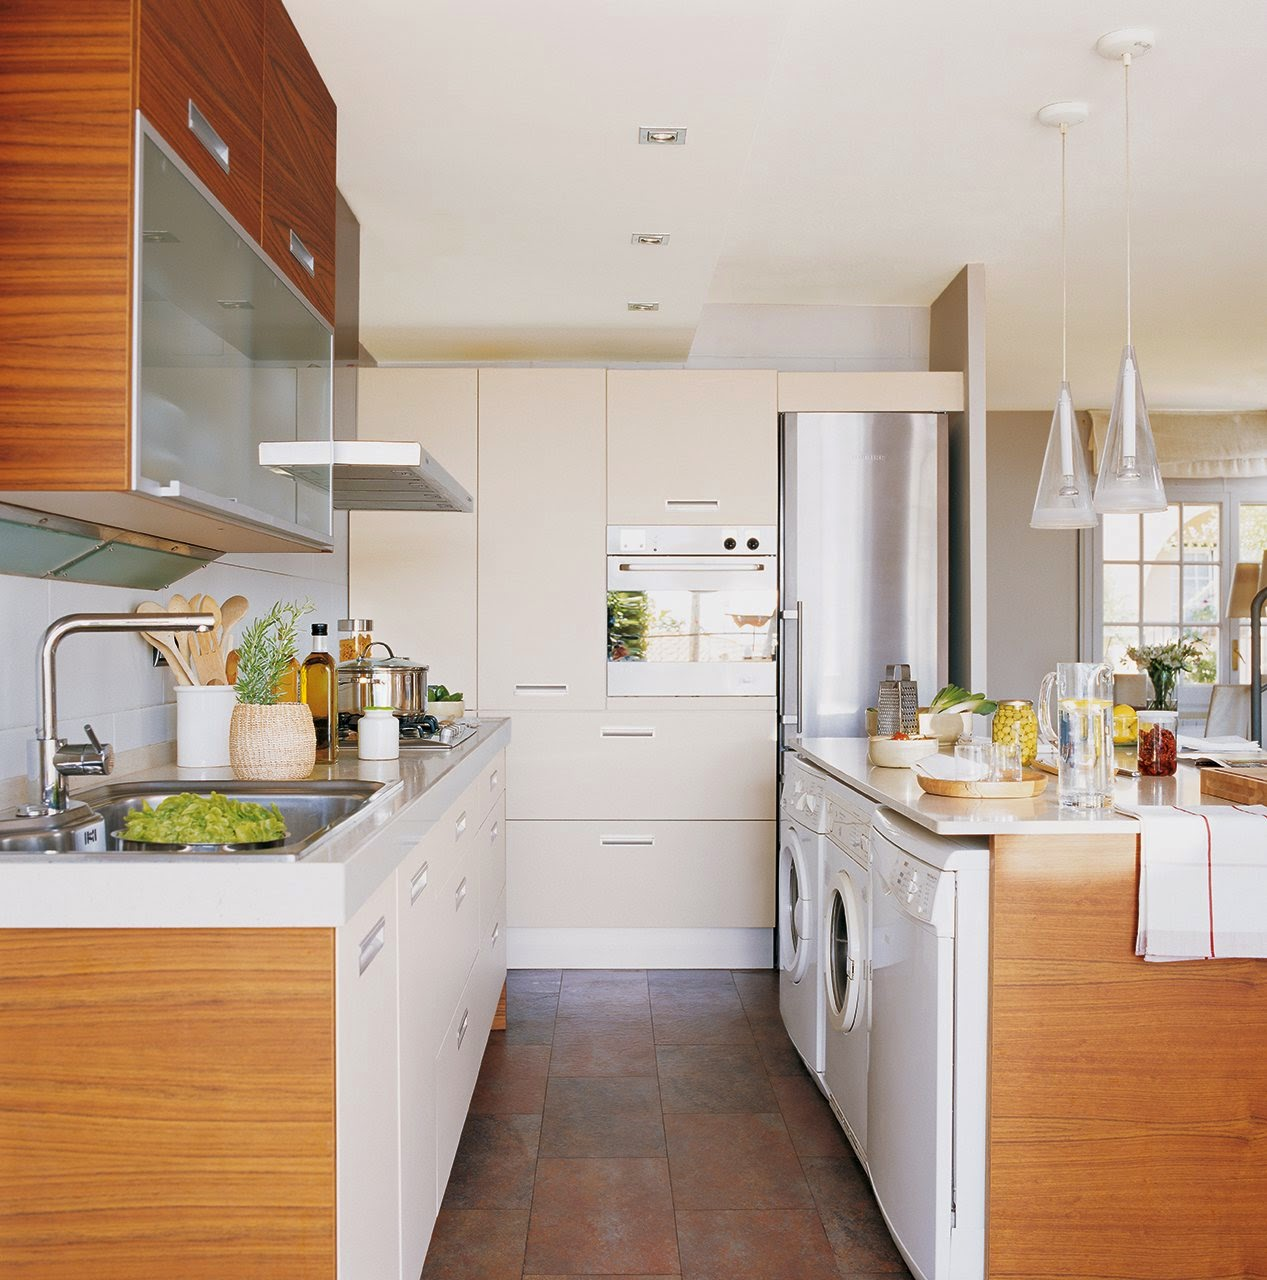 Decotips integrar la zona de lavadero en la cocina - Lavadora secadora pequena ...